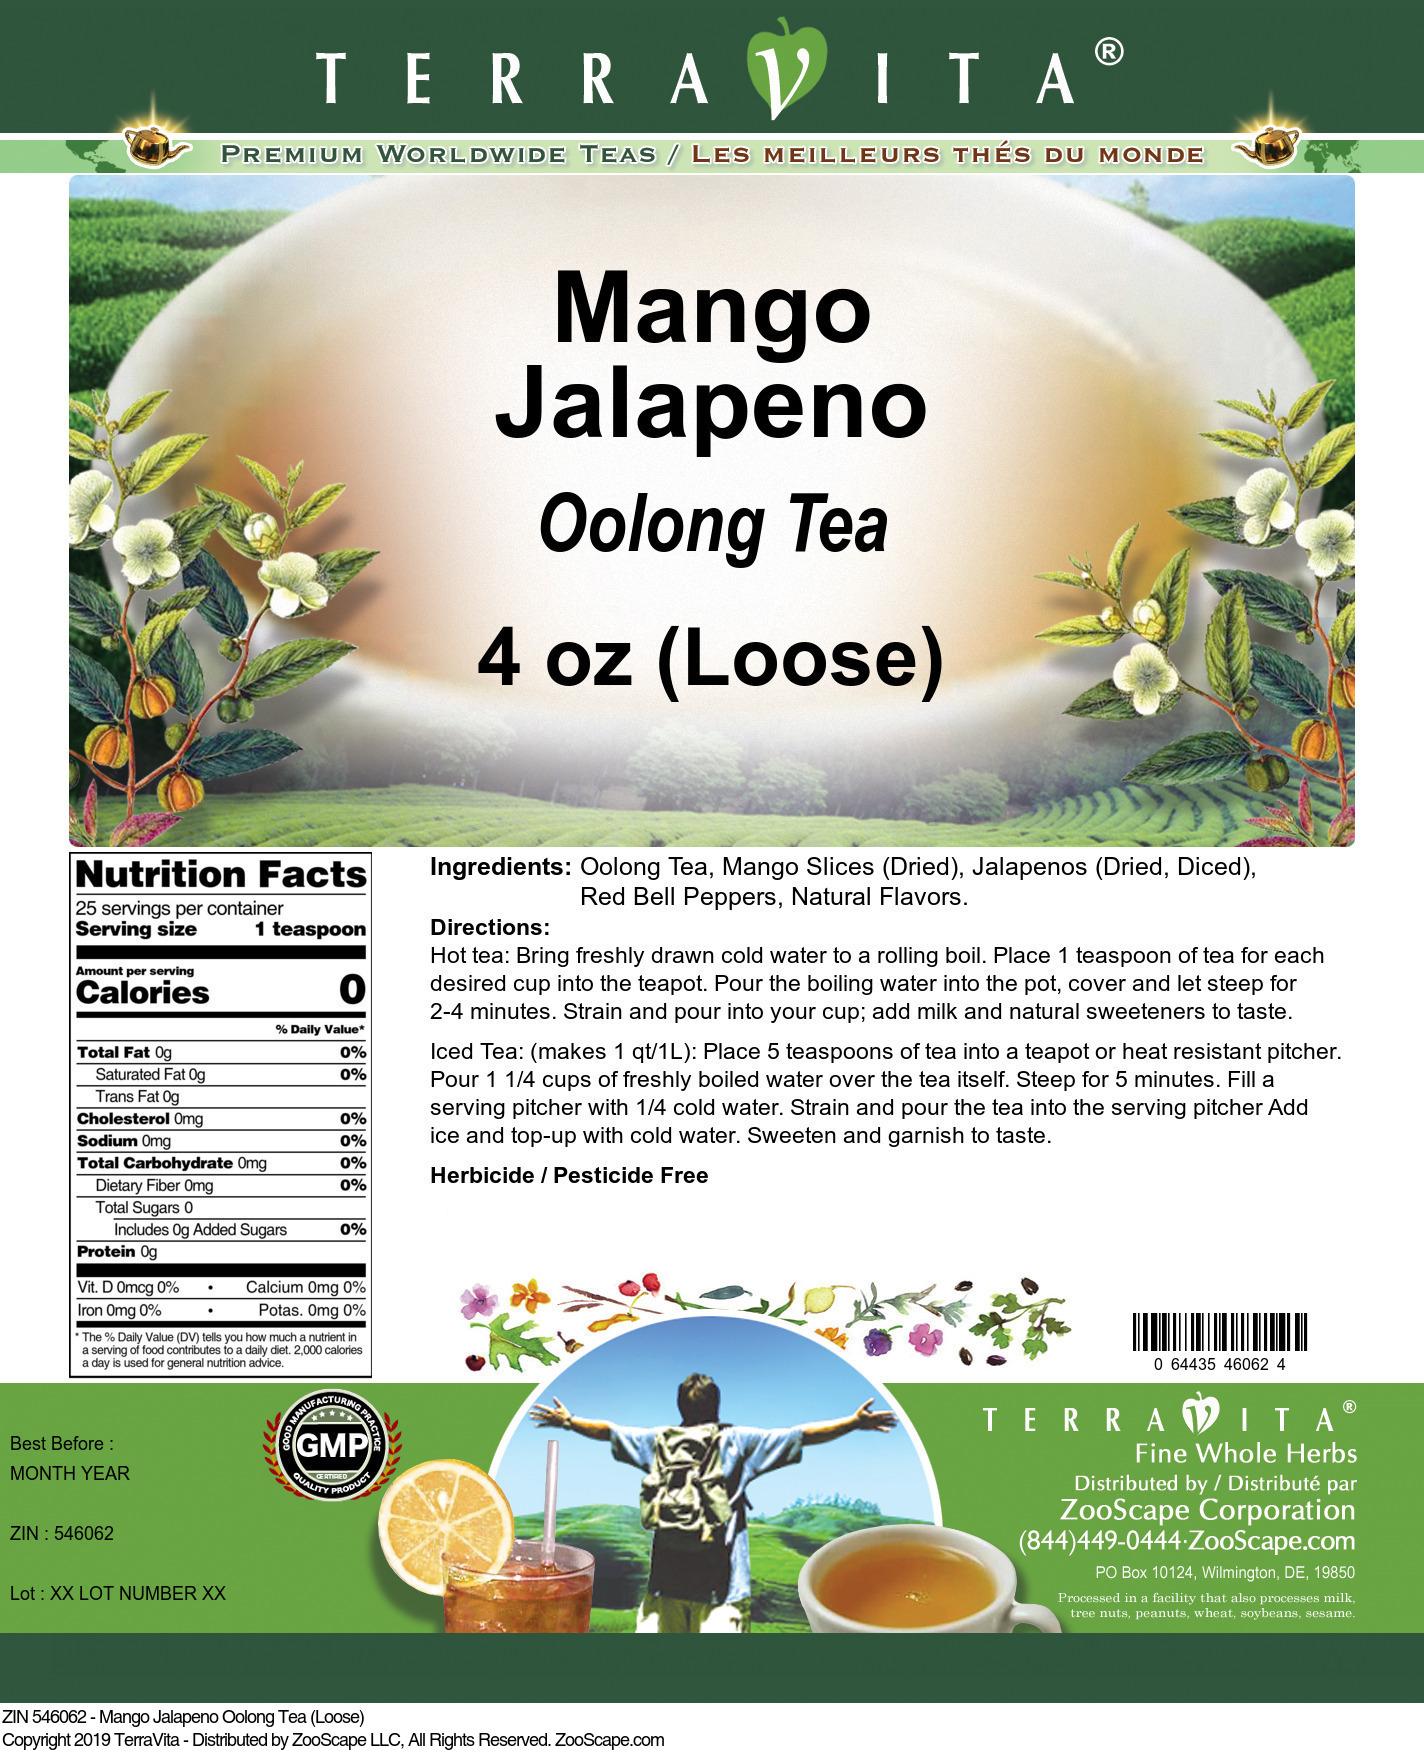 Mango Jalapeno Oolong Tea